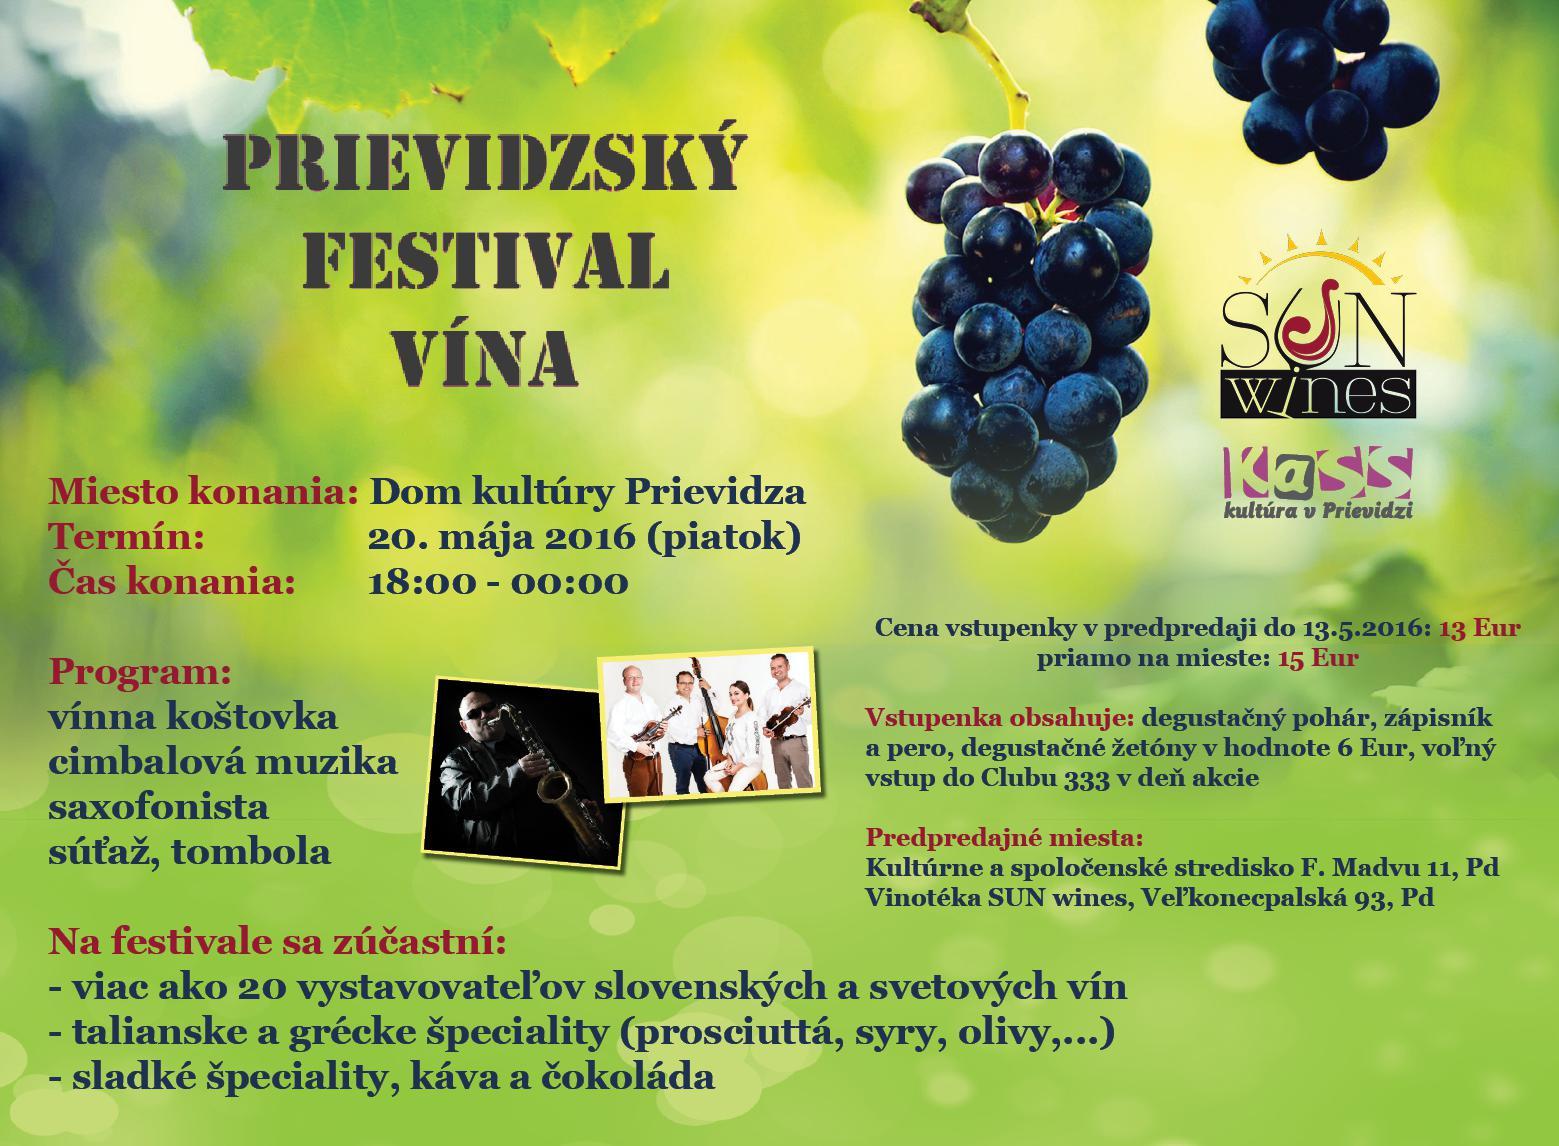 obr: Náš partner SUN wines organizuje Prievidzský festival vína!